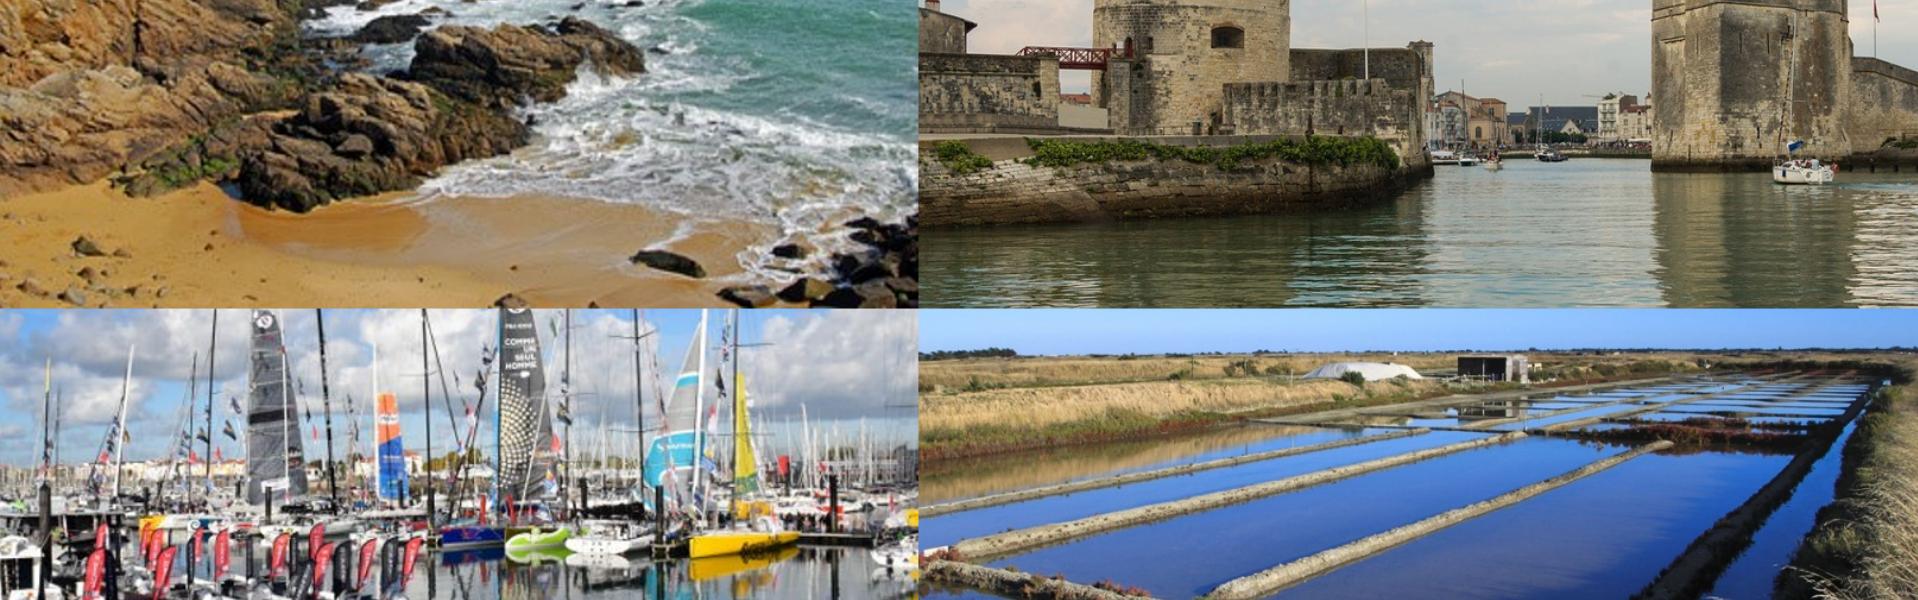 Lieux touristiques en Vendée